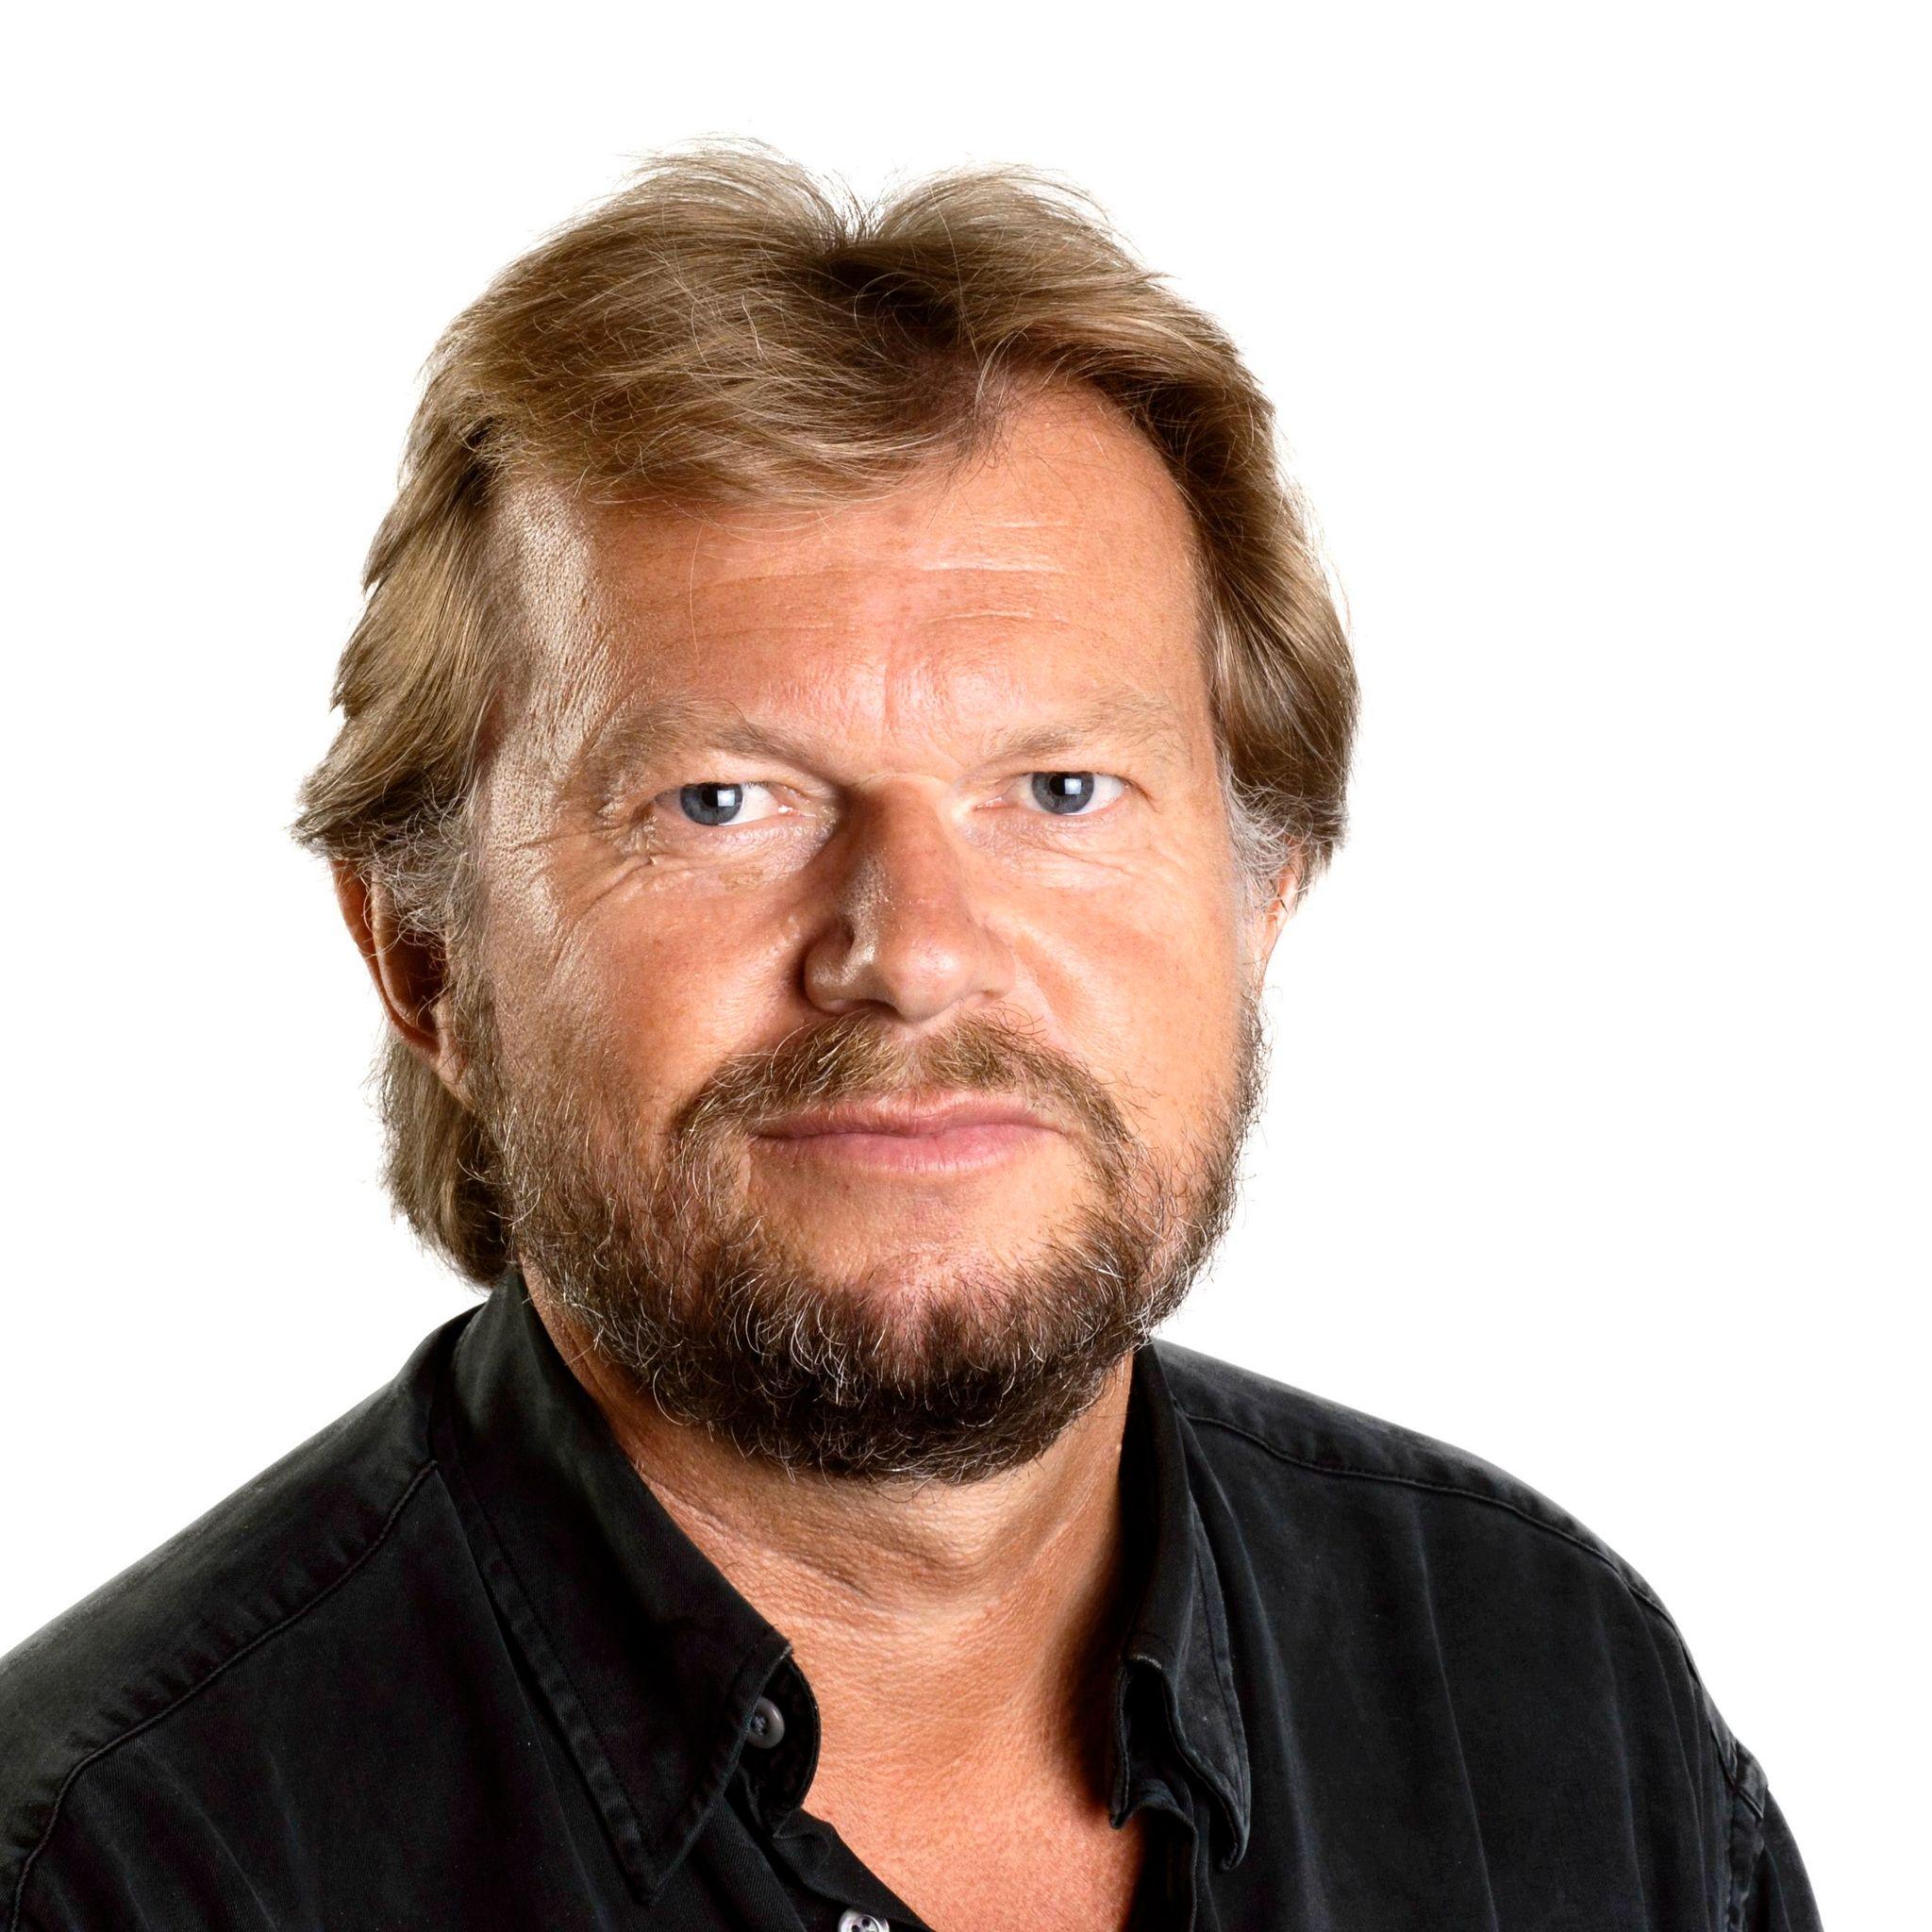 Torstein Hvattum